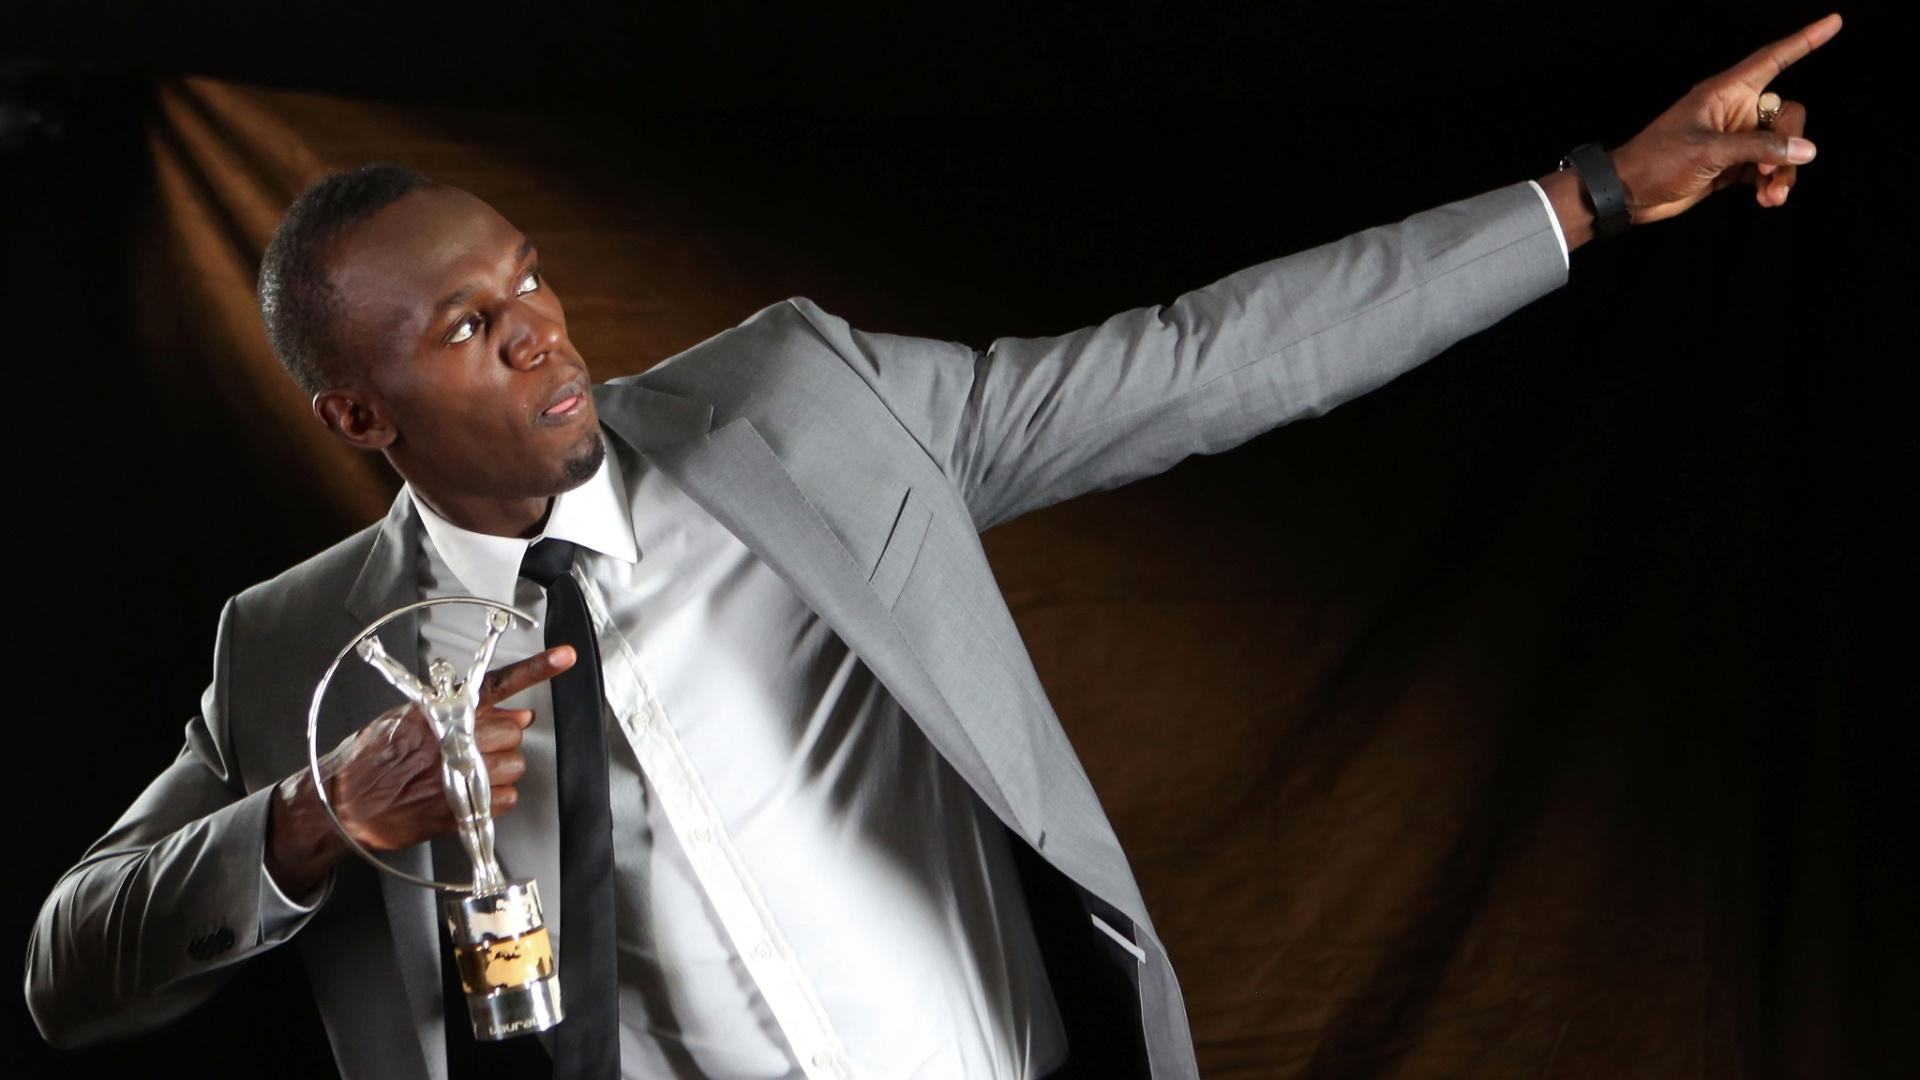 11.mar.2013 - O jamaicano Usain Bolt exibe o troféu conquistado como Melhor Atleta do Ano no Prêmio Laureus